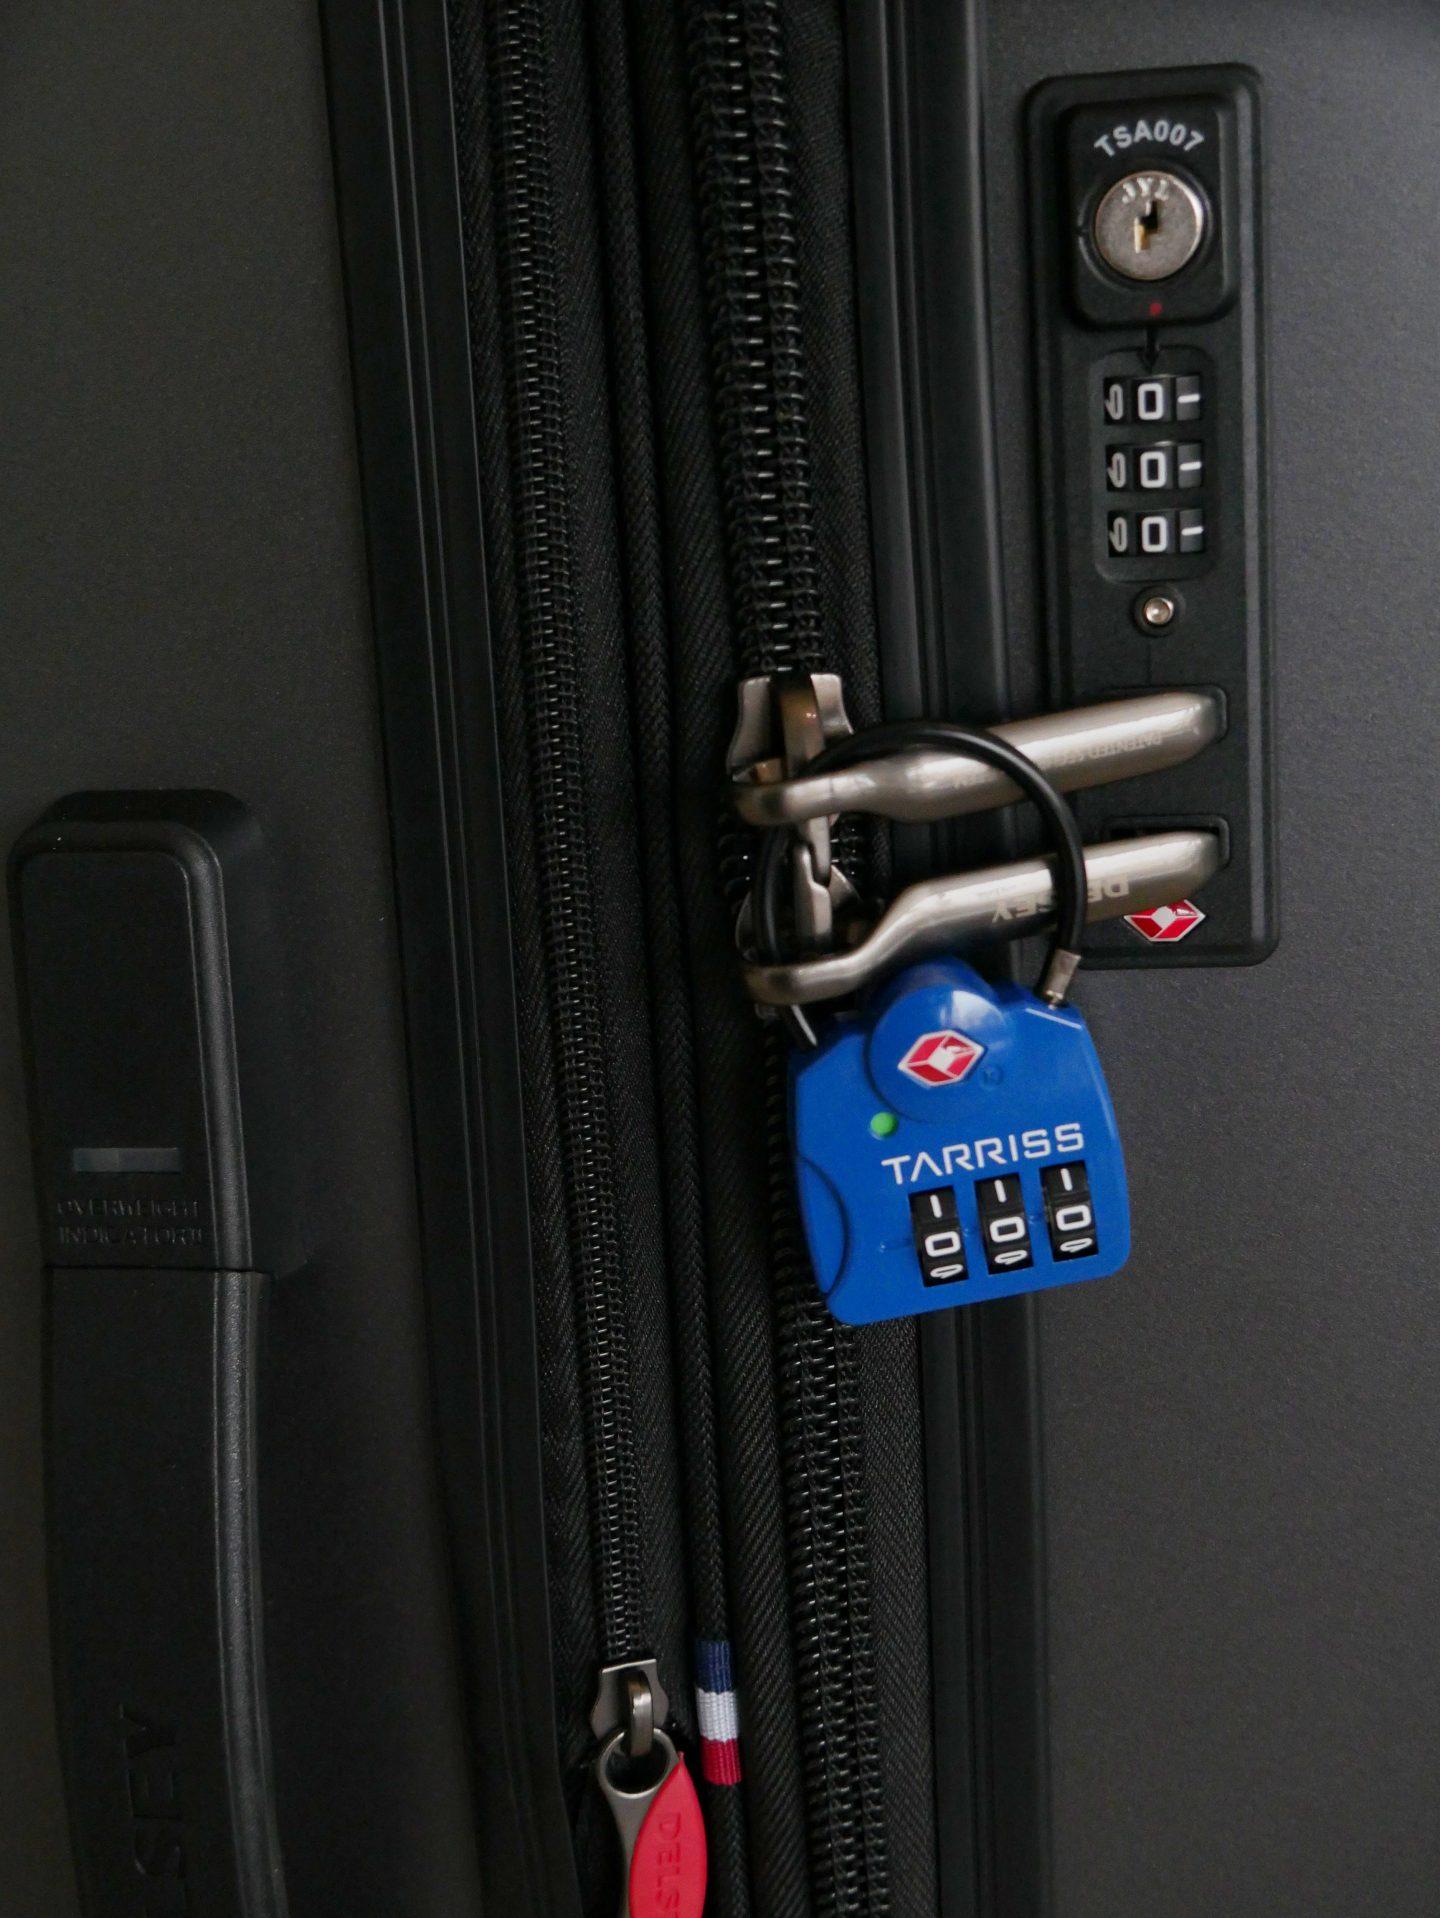 tarriss lock search alert